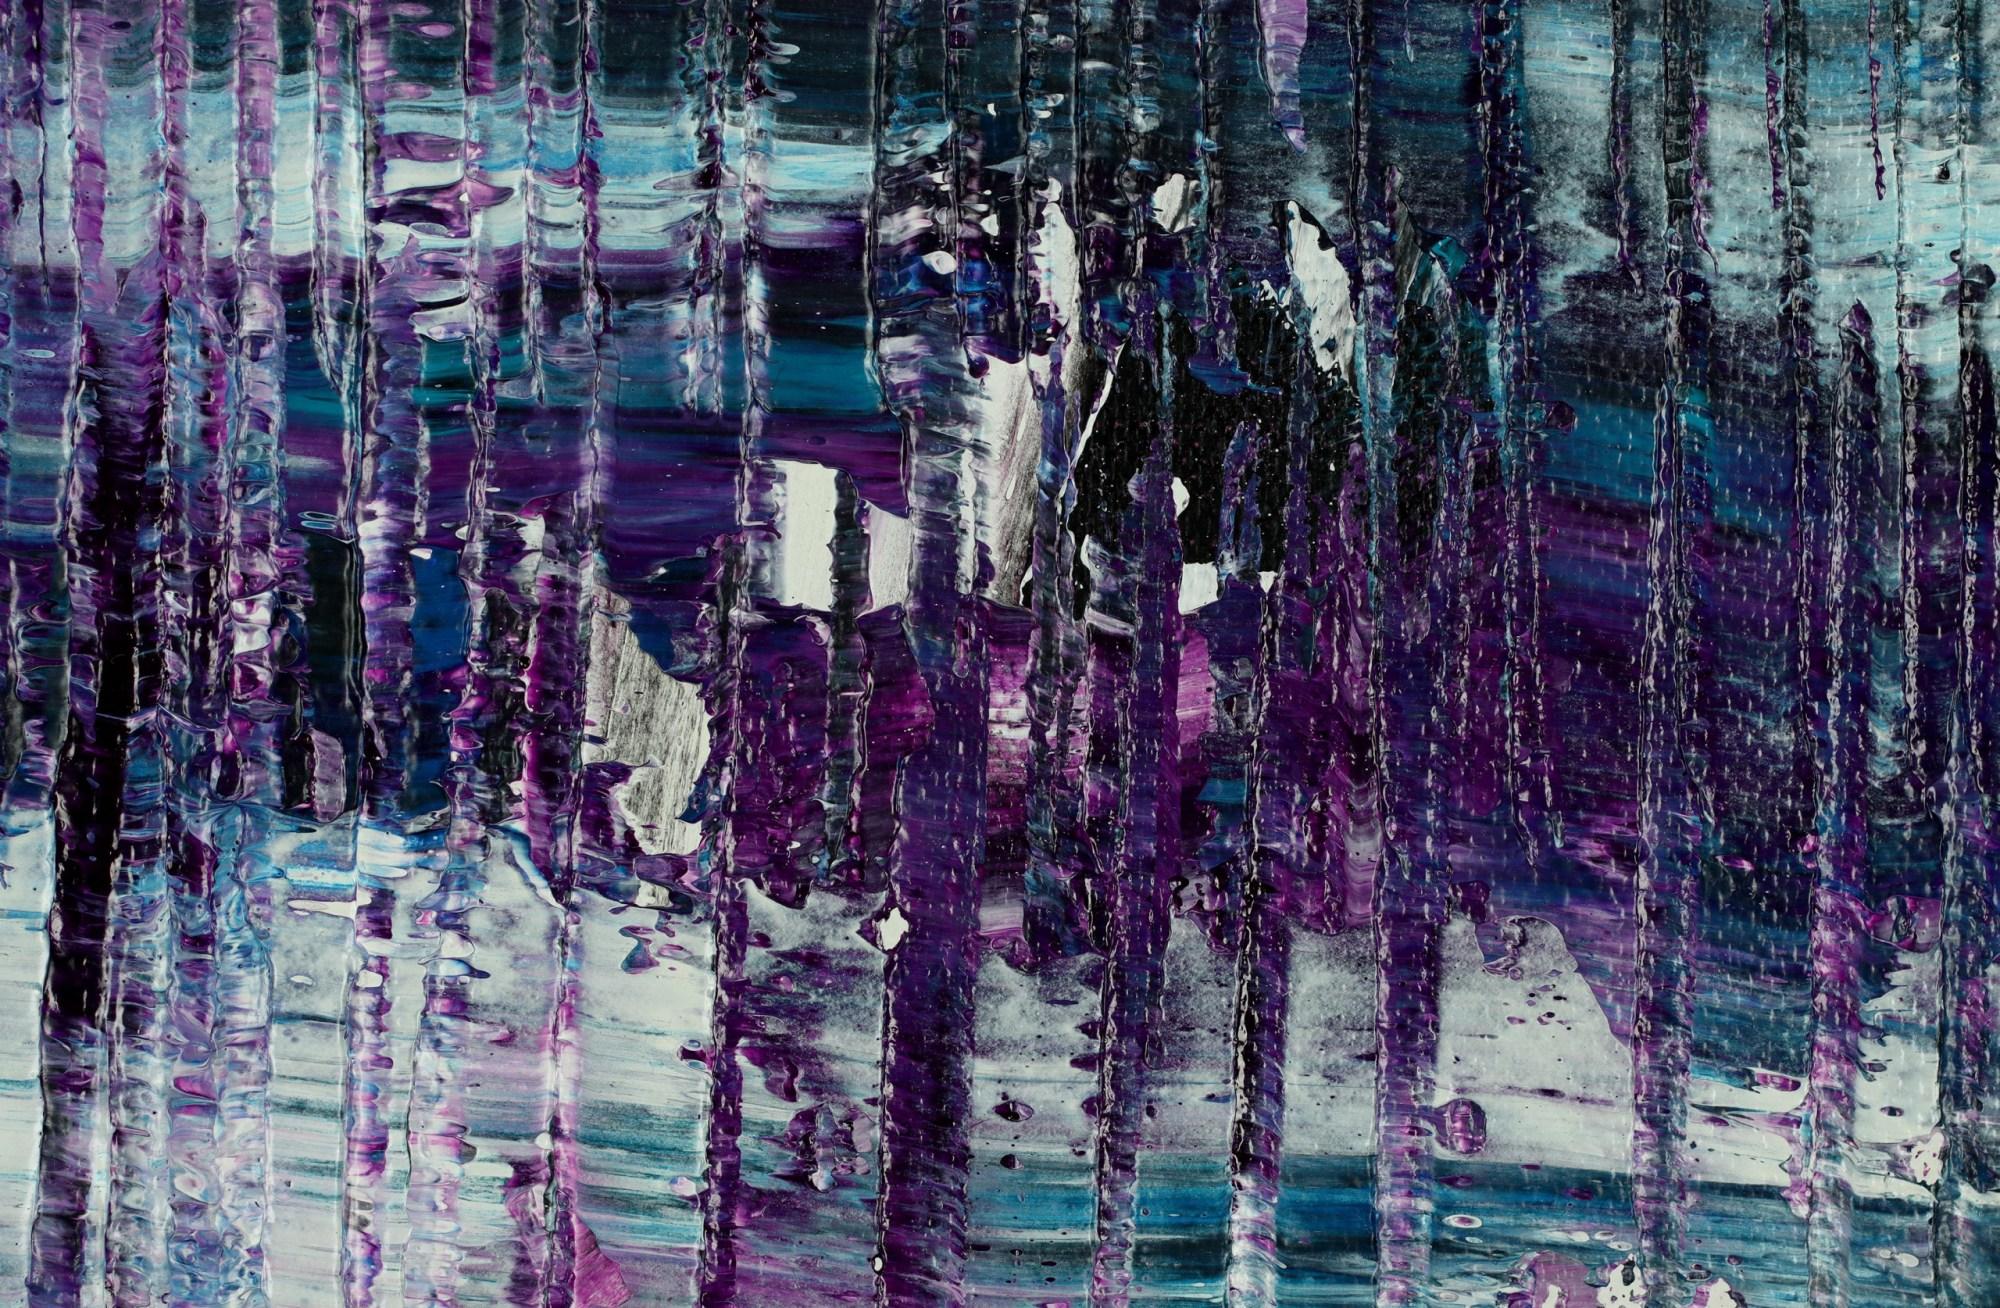 A Color Equation 8 (2021) by Nestor Toro